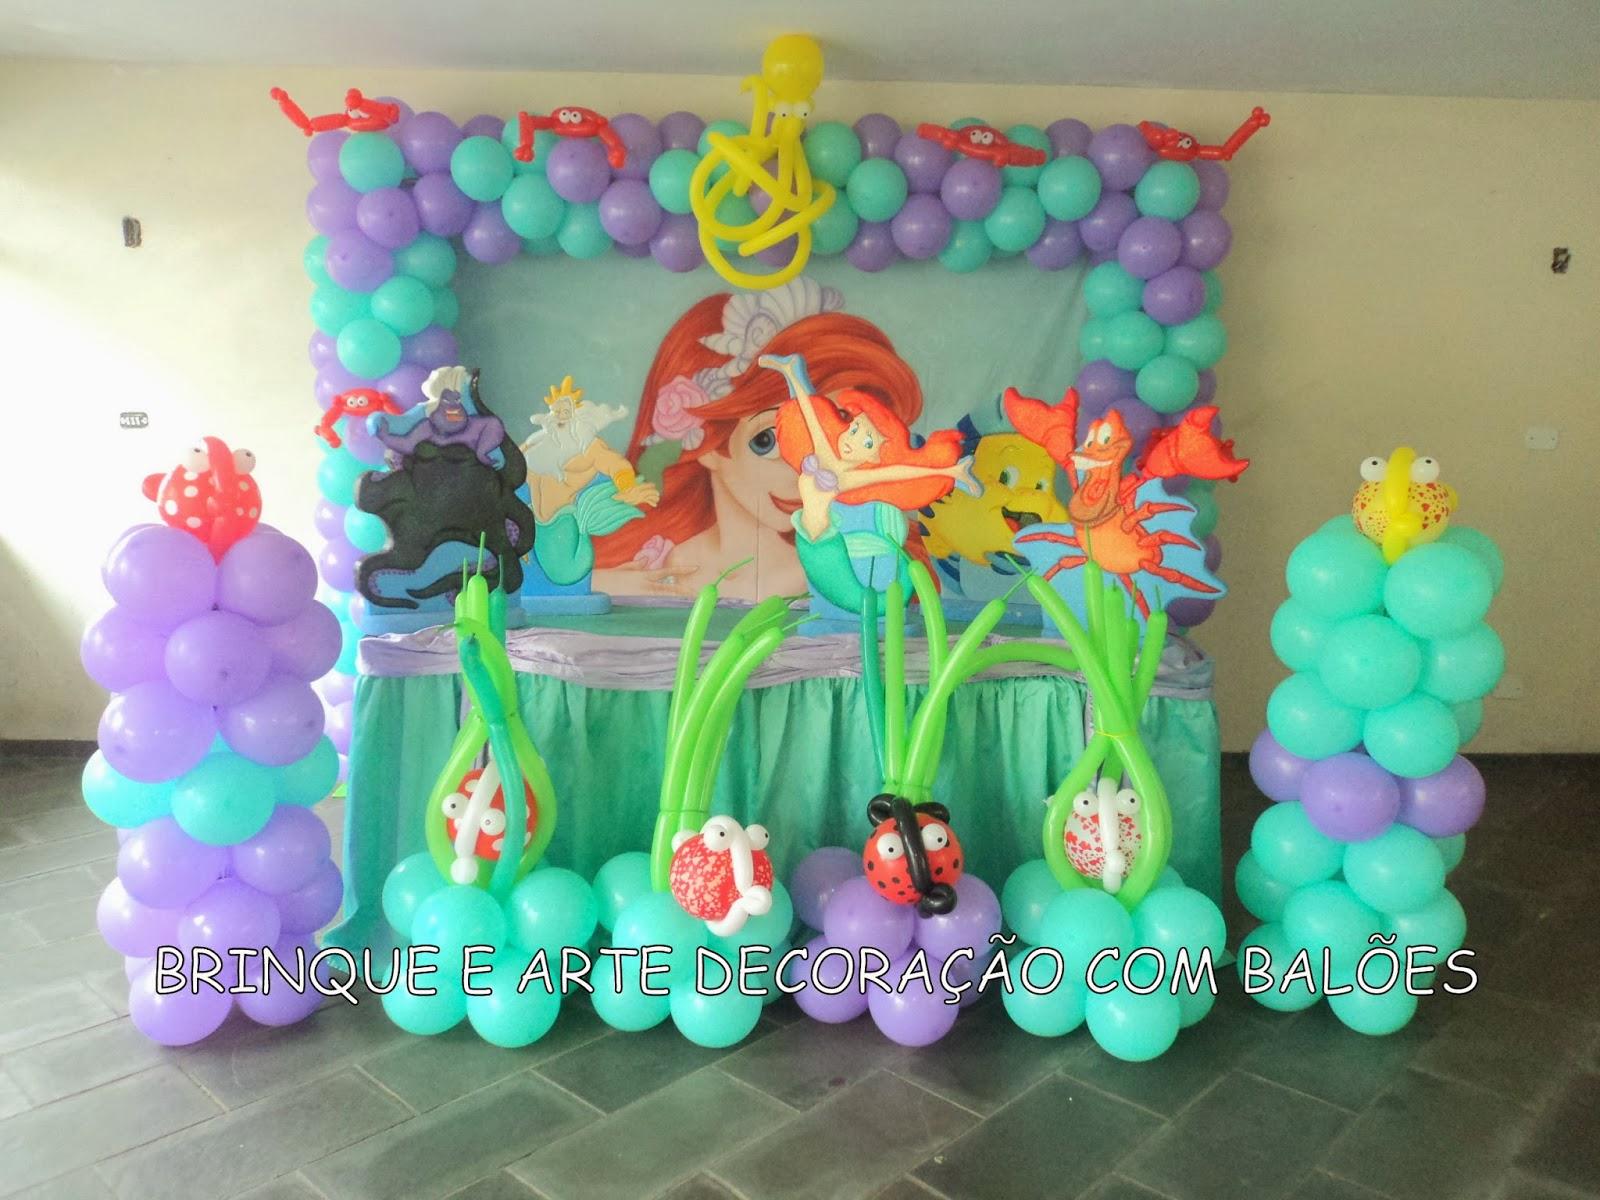 Brinque e arte decoraç u00e3o com balões DECORA u00c7ÃO TEMA ARIEL PEQUENA SEREIA -> Decoração De Pequena Sereia Simples